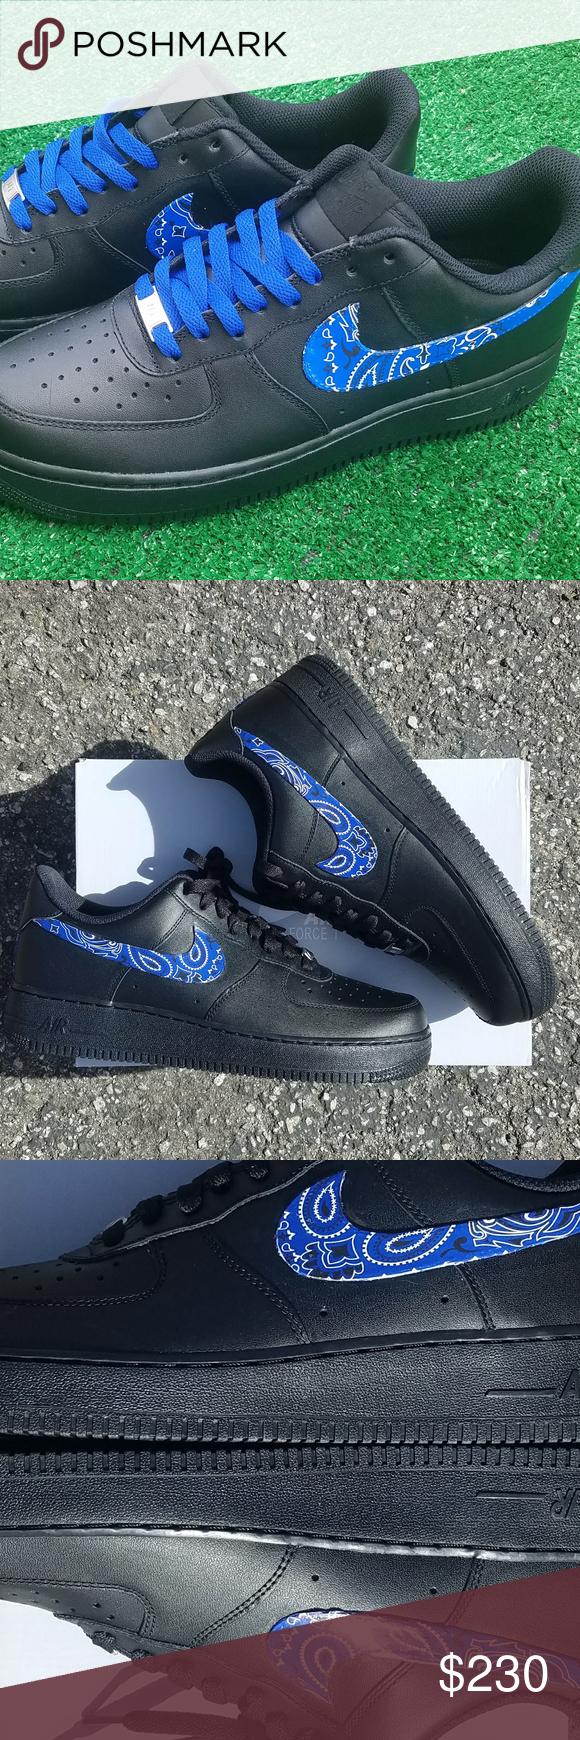 Customized Nike Sneakers Unisex Black Bandana Authentic Nike